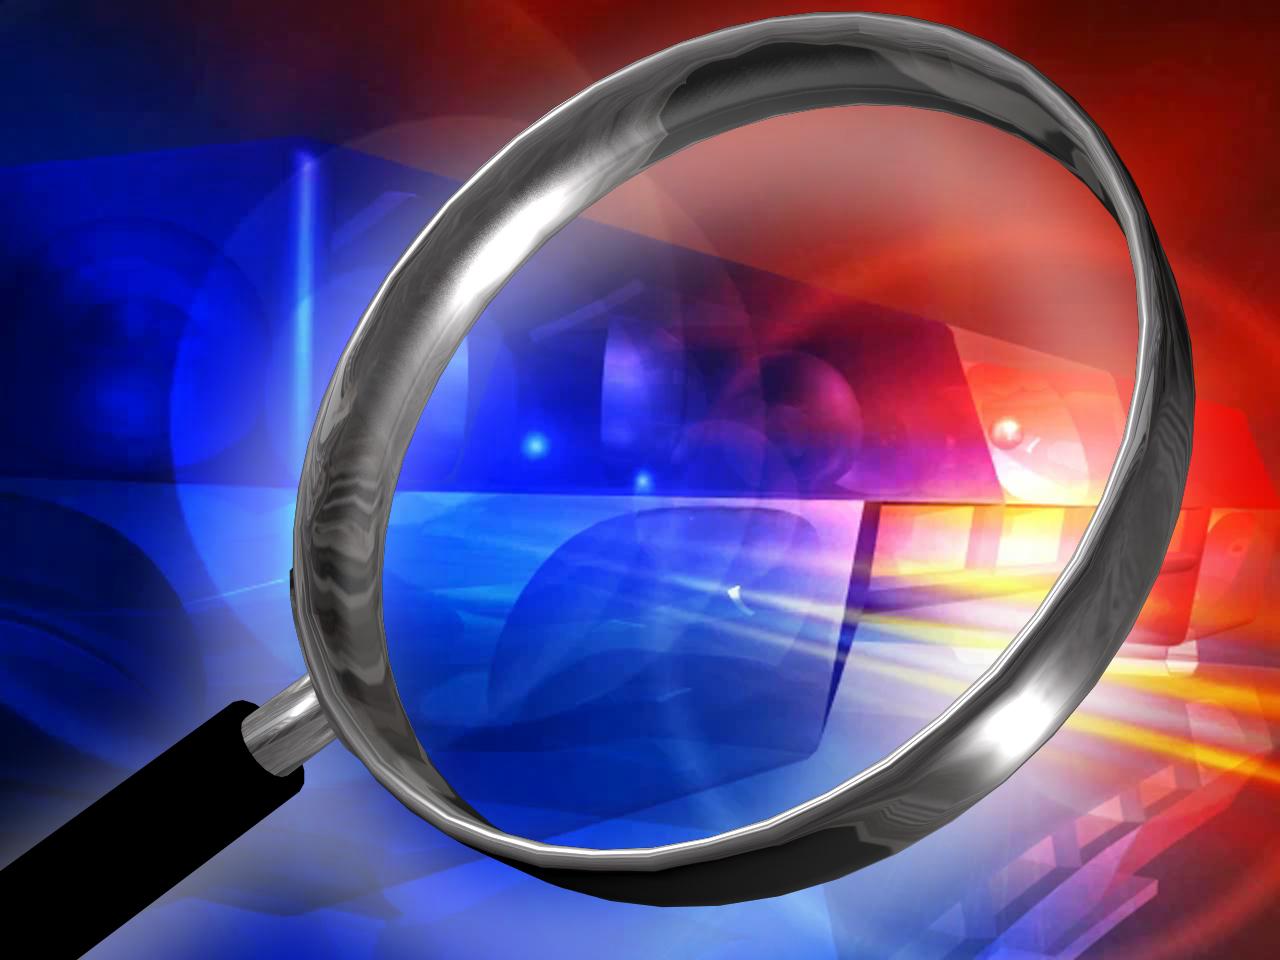 Police investigate suspicious death in Grafton County, NH